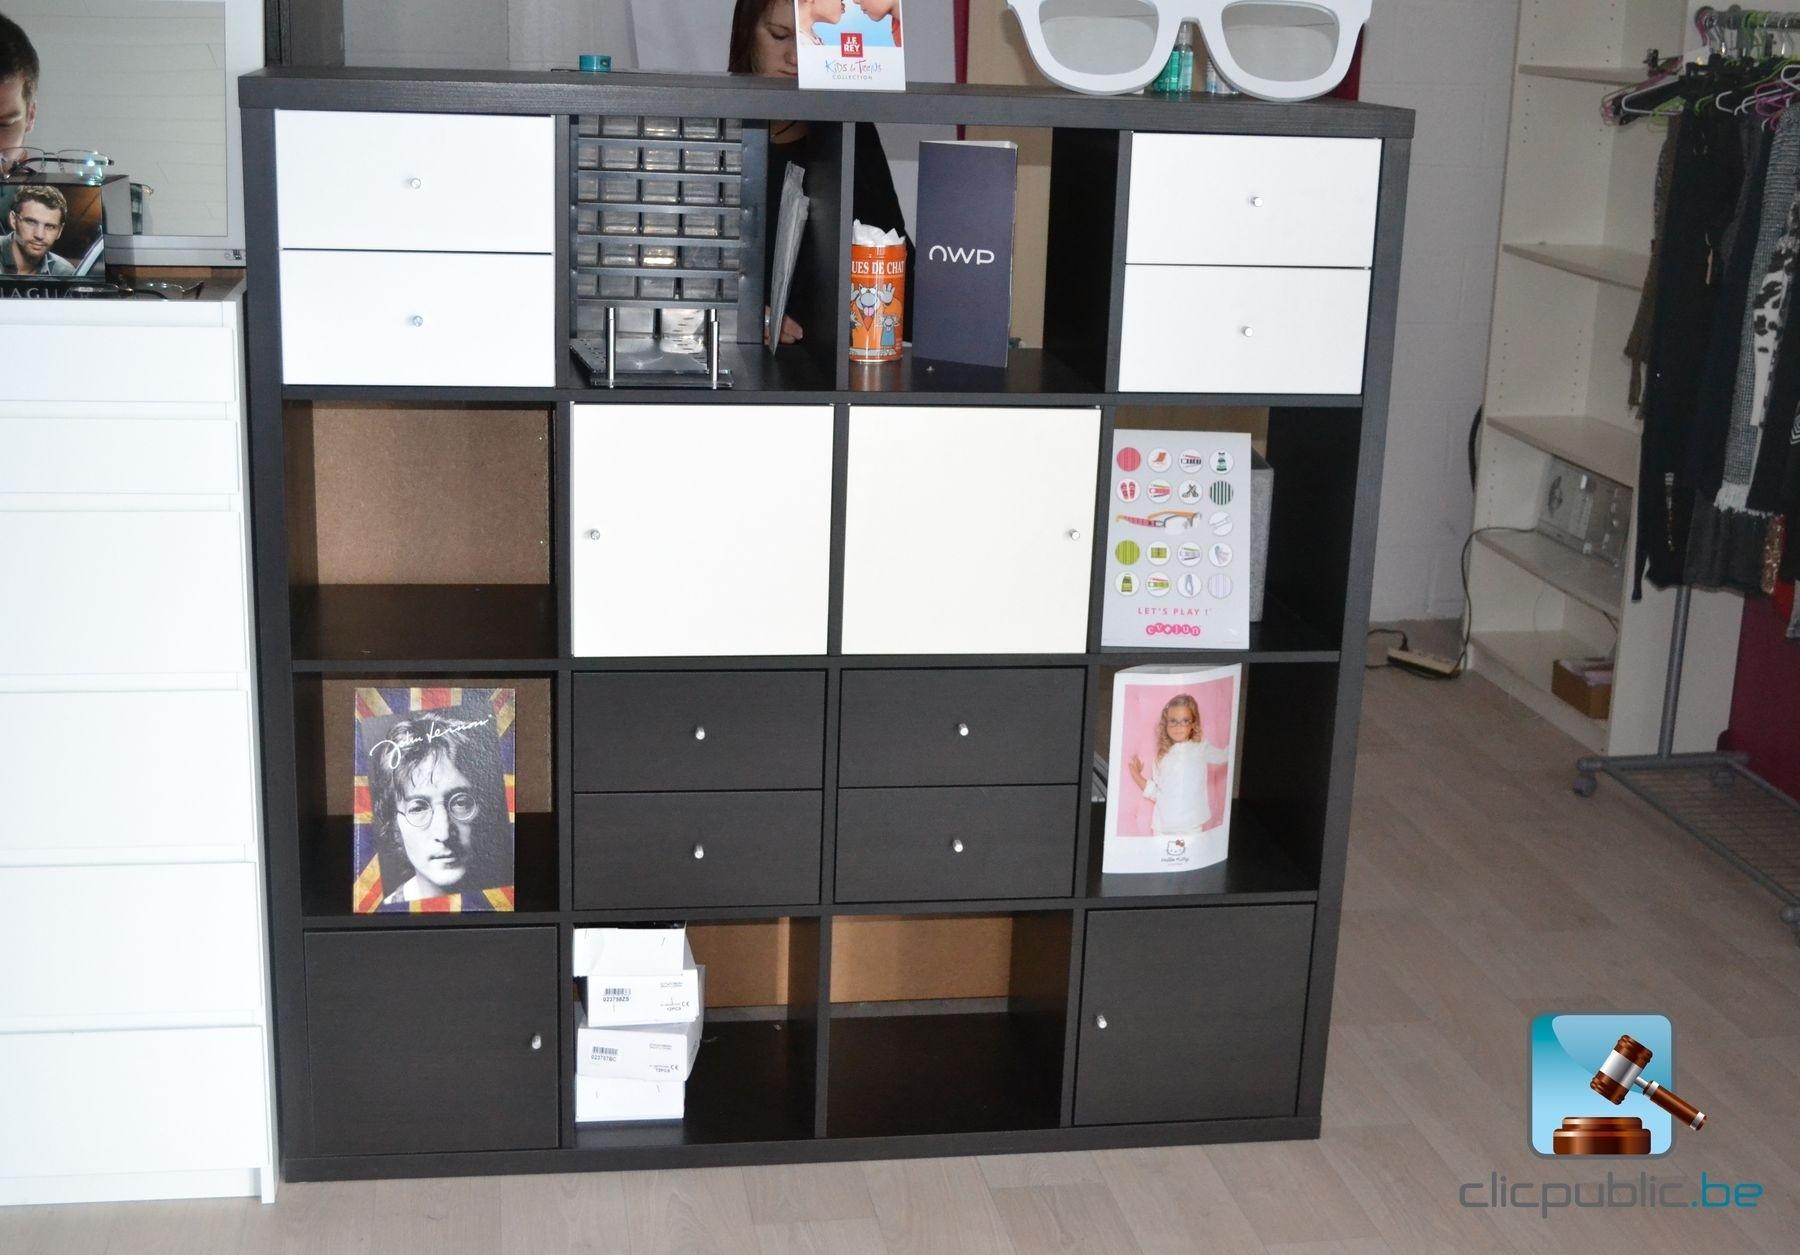 Meubles IKEA Expedit à vendre sur clicpublicbe -> Meuble Expedit